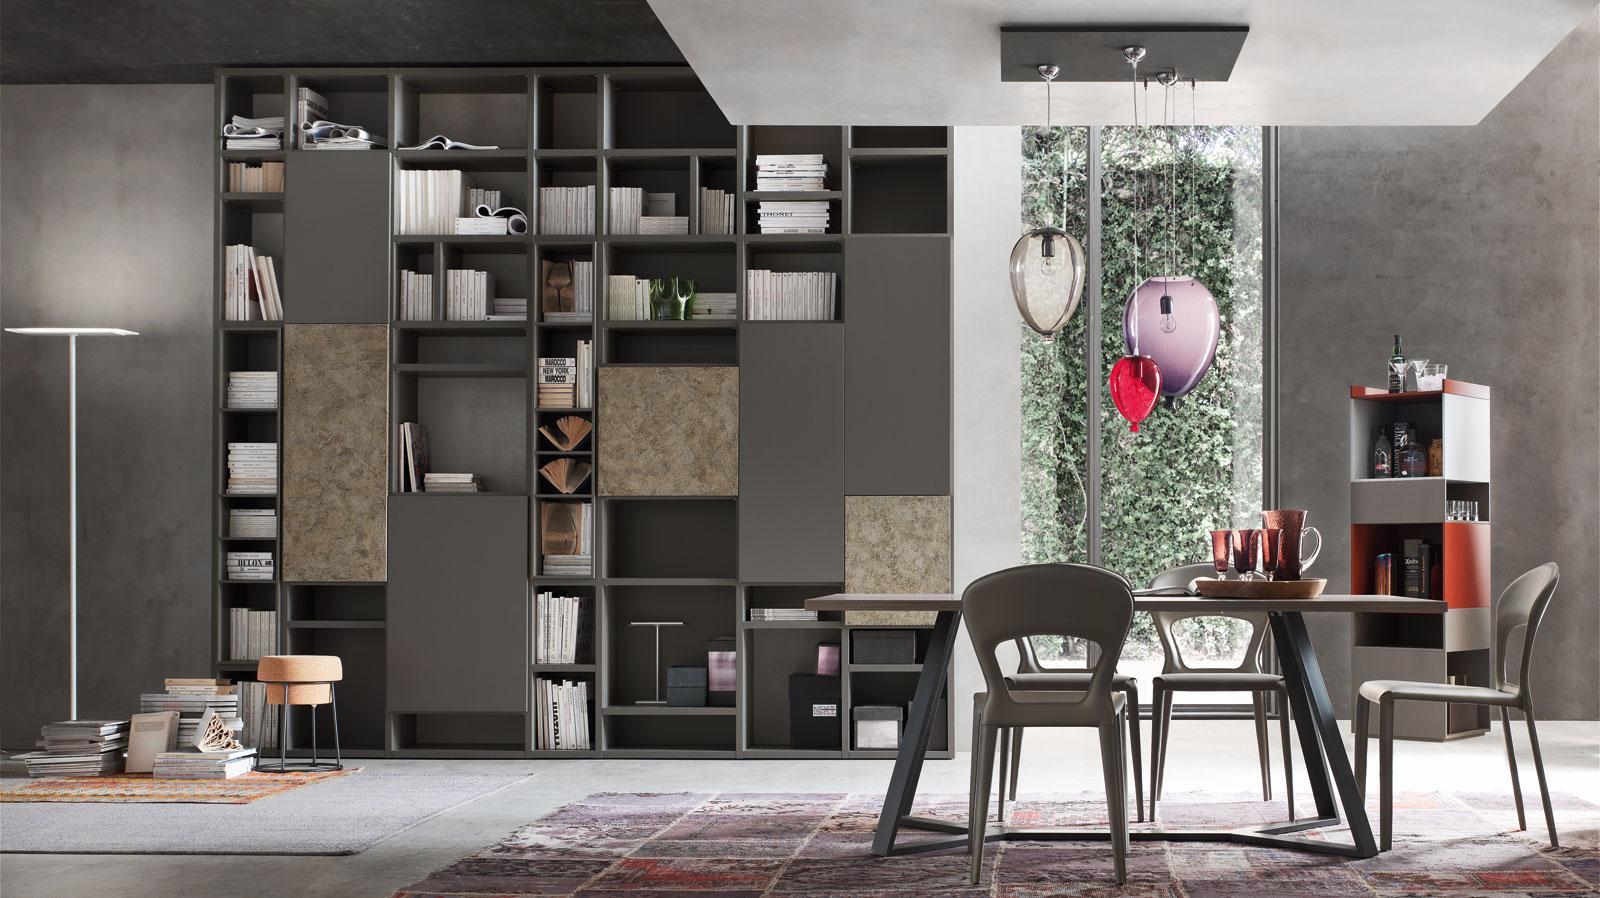 Ameublement zone jour et zone nuit de design orme for Siti di arredamento design